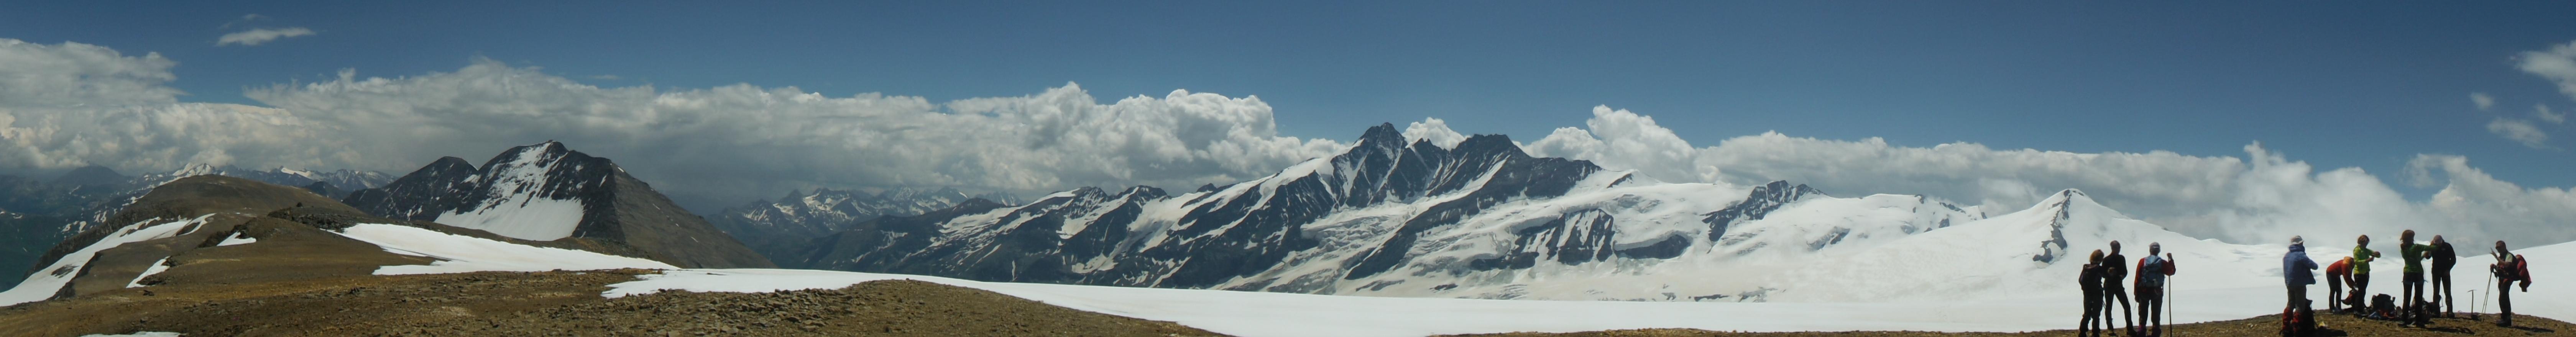 BergeBewegen-Panorama (5)